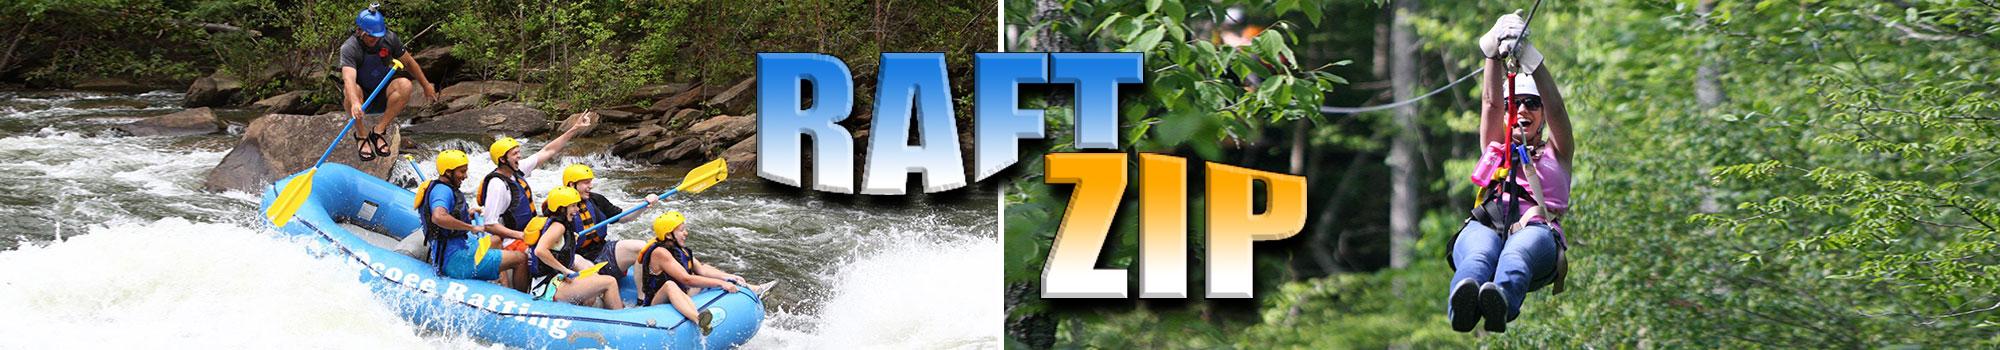 Raft & Zip